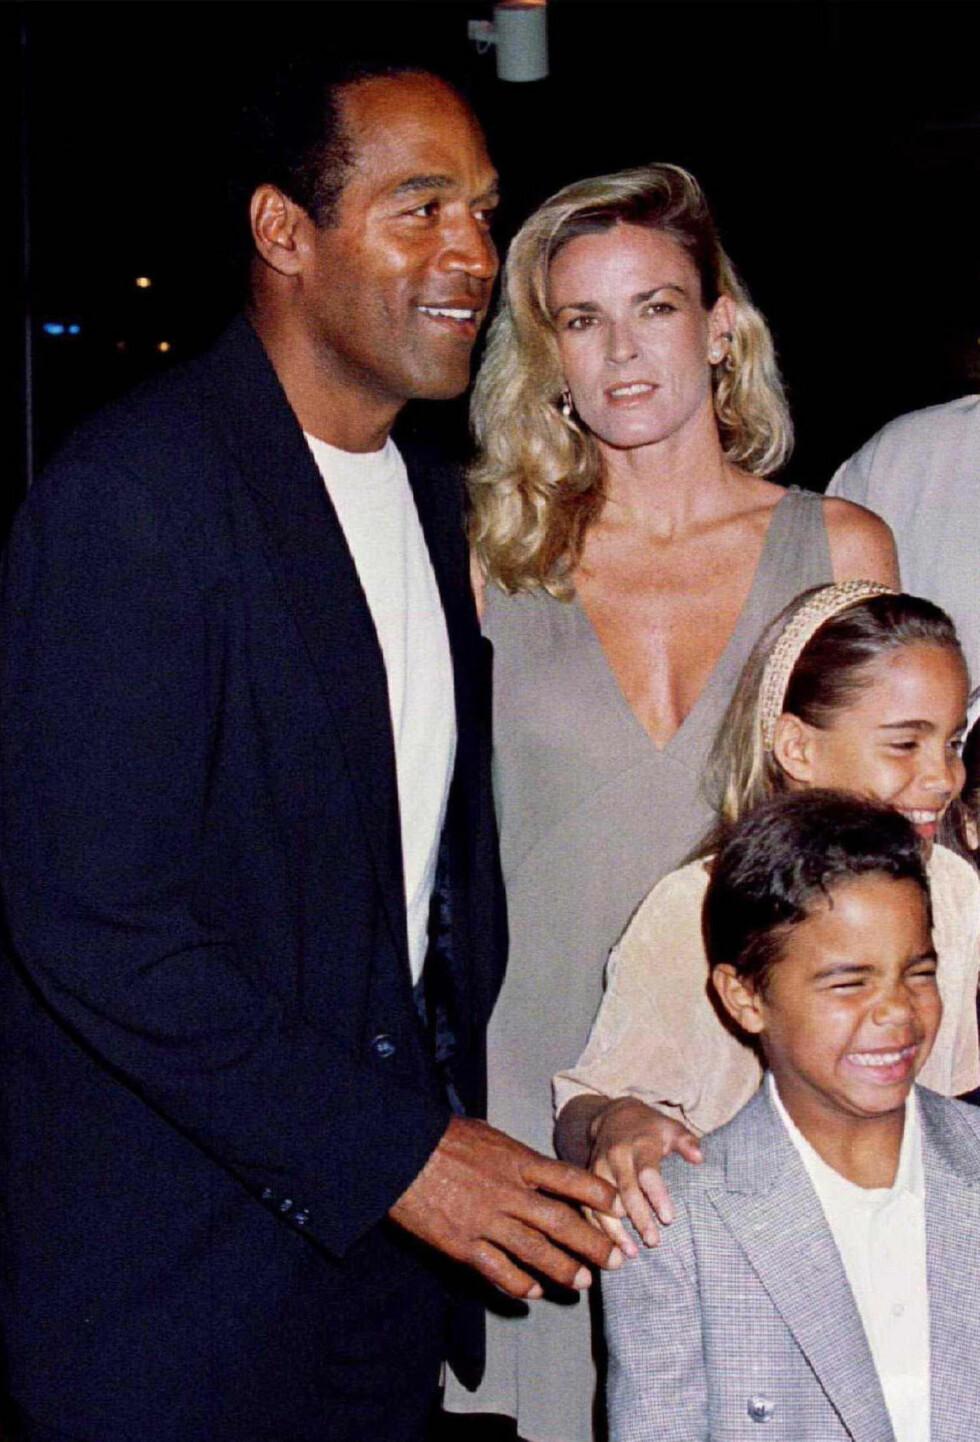 IDYLL: O.J. Simpson med ekskona Nicole Simpson og deres to barn Sydney Brooke (da 9) og Justin (da 6) under en filmpremiere i mars 1994. To år tidligere hadde de to tatt ut skillsmisse. Foto: NTB Scanpix